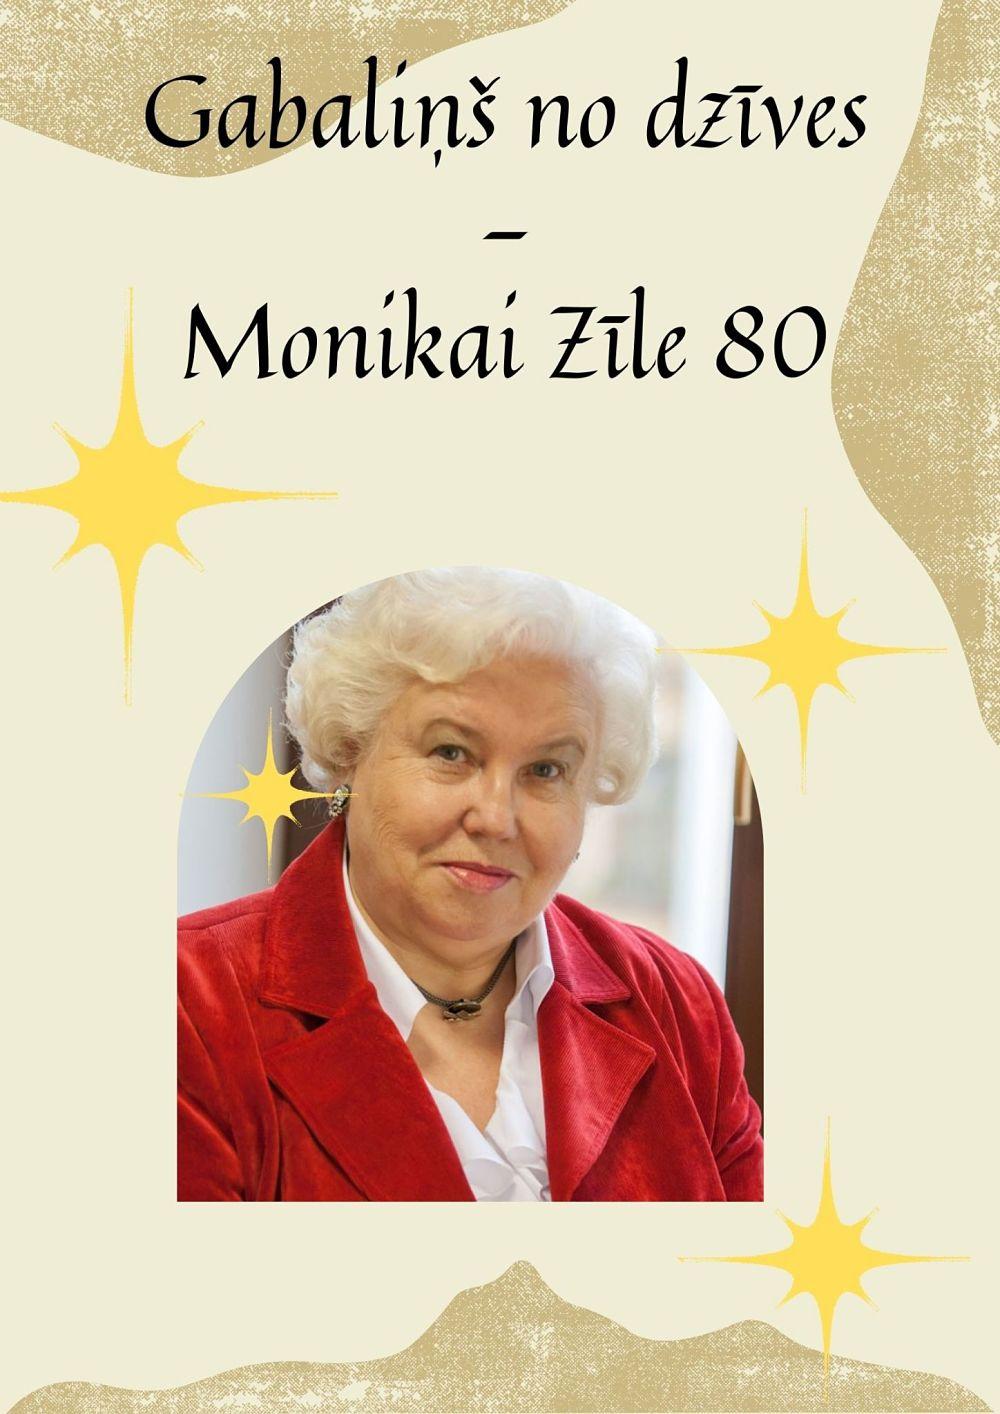 Plakāts izstādei Gabaliņš no dzīves – Monikai Zīle 80